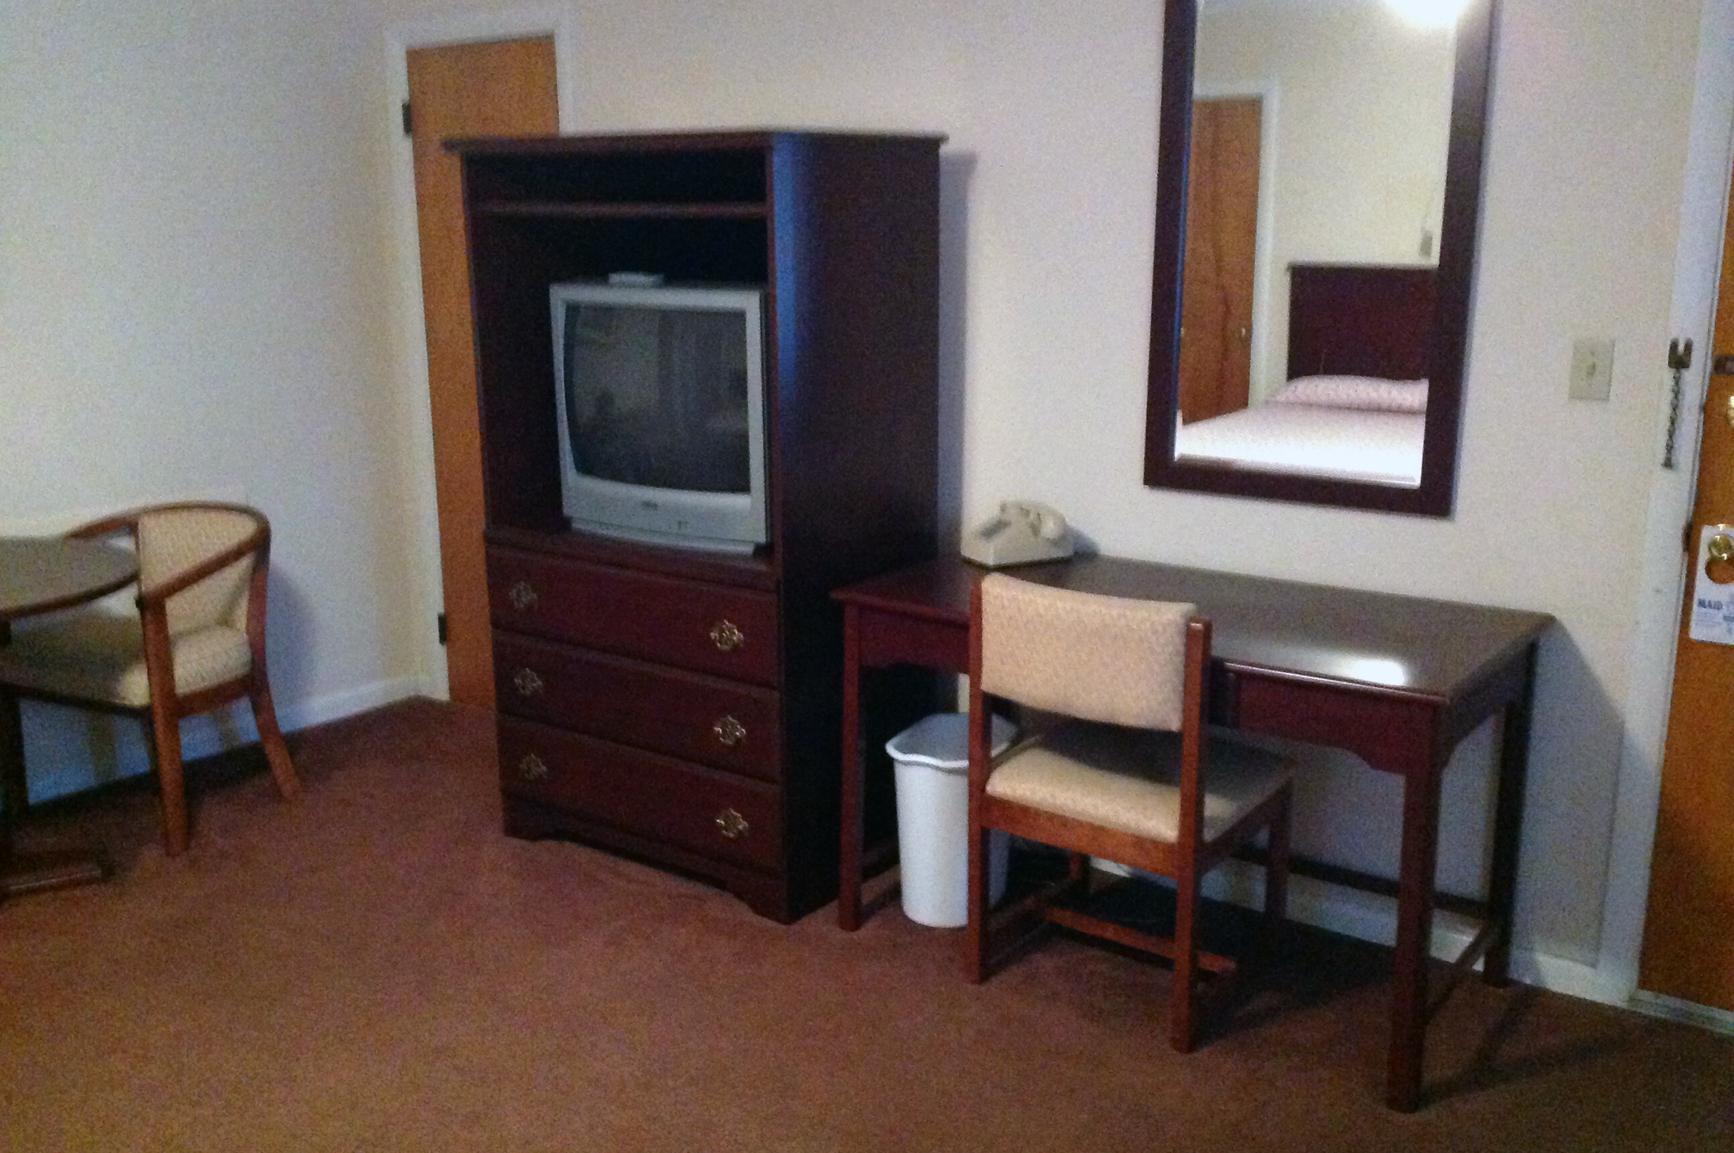 motel-desk2